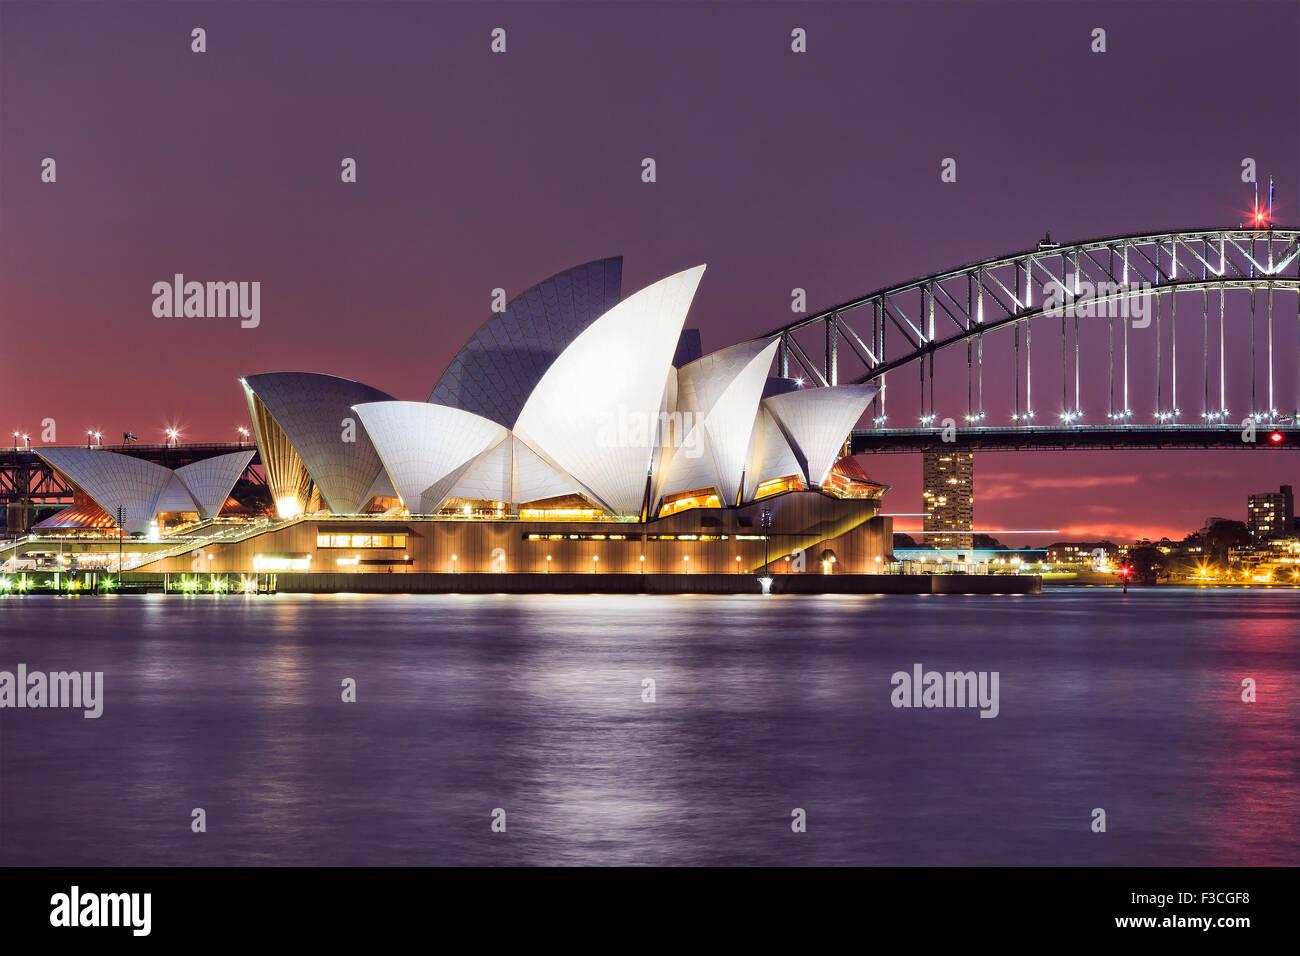 SYDNEY, AUSTRALIE, 10 juillet 2015 - Opéra de Sydney et le Harbour Bridge de Sydney au coucher du soleil. Emblématiques et célèbres Banque D'Images